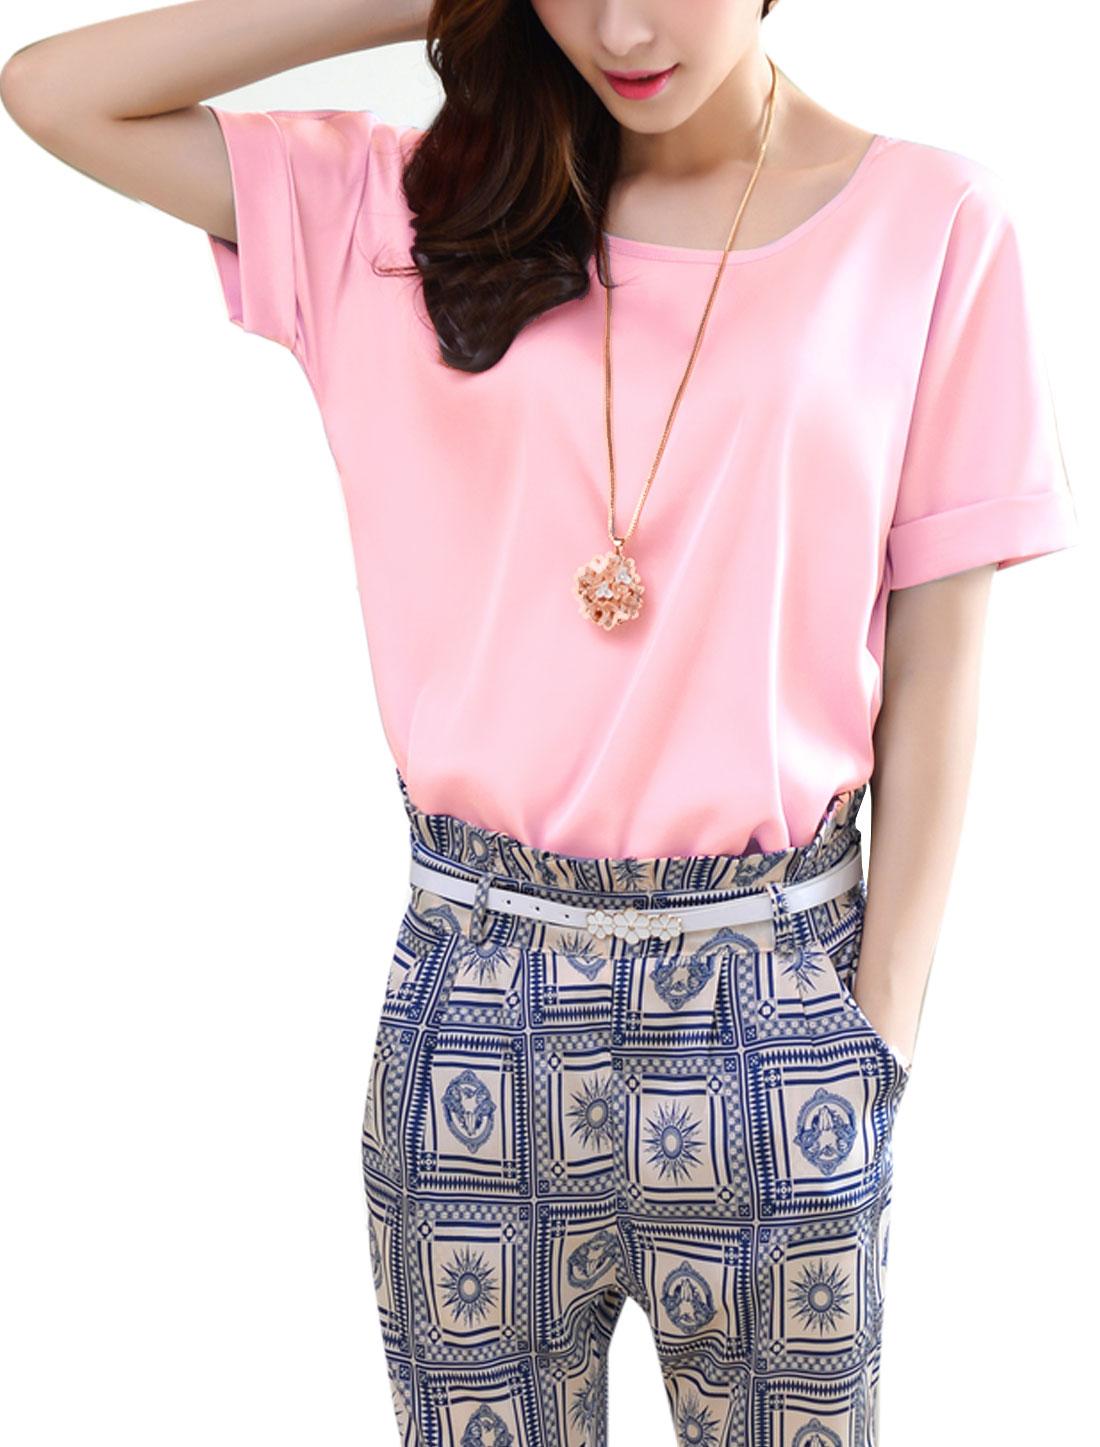 Lady Round Neck Short Batwing Sleeve Elegant Blouse Pink M